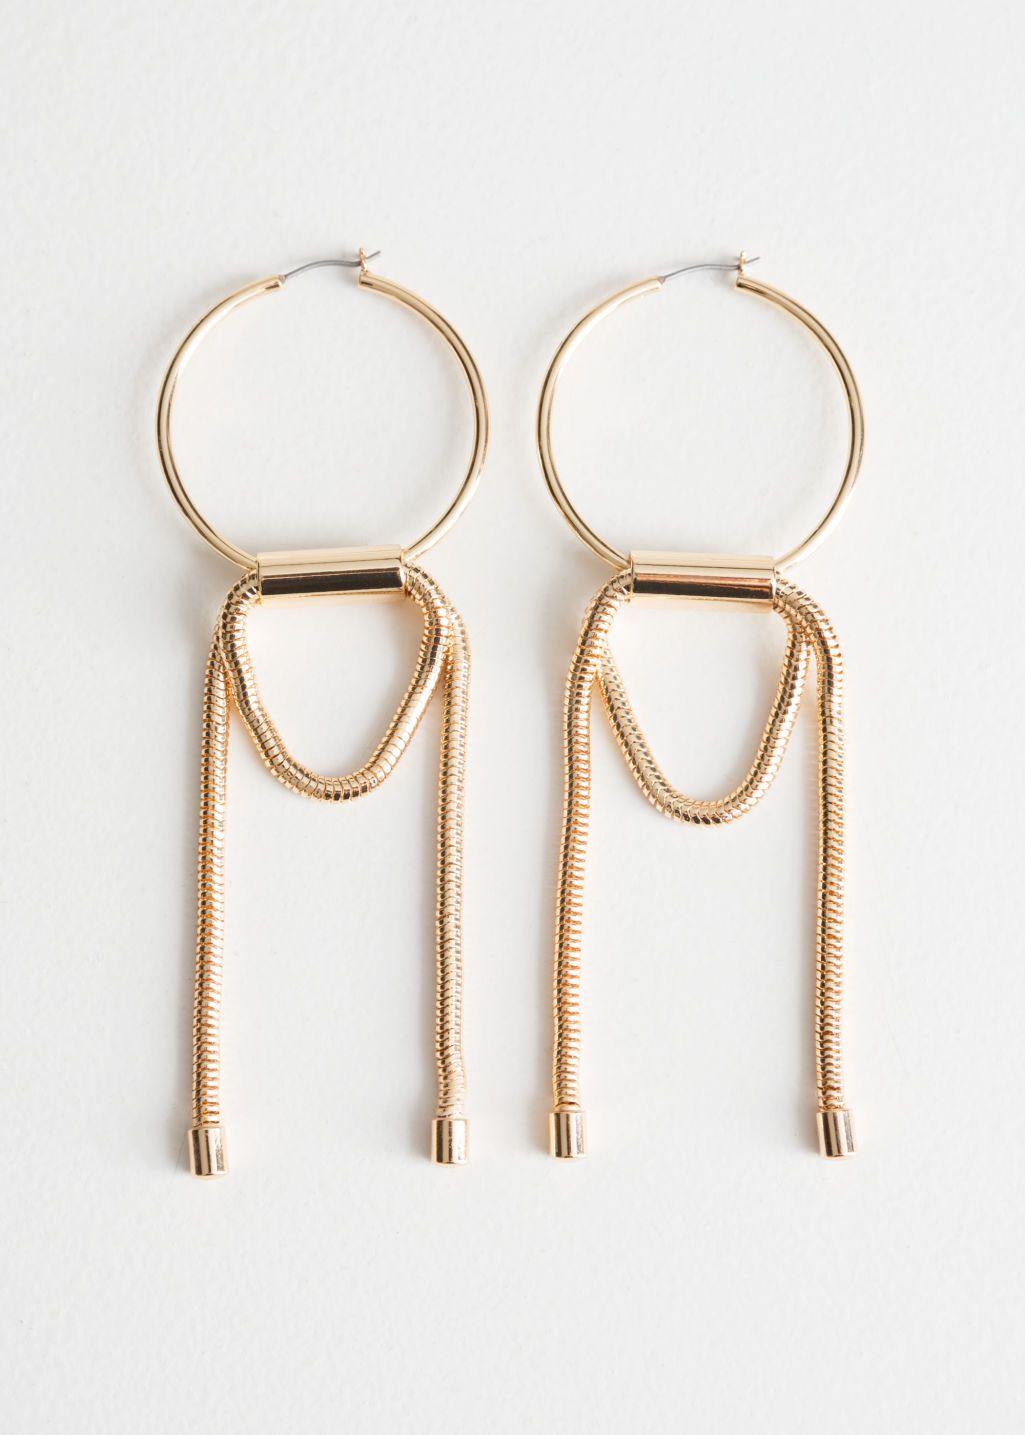 Other Stories Chain Loop Hoop Earrings Hoop Earrings Heart Shaped Diamond Stud Earrings Safety Pin Earrings